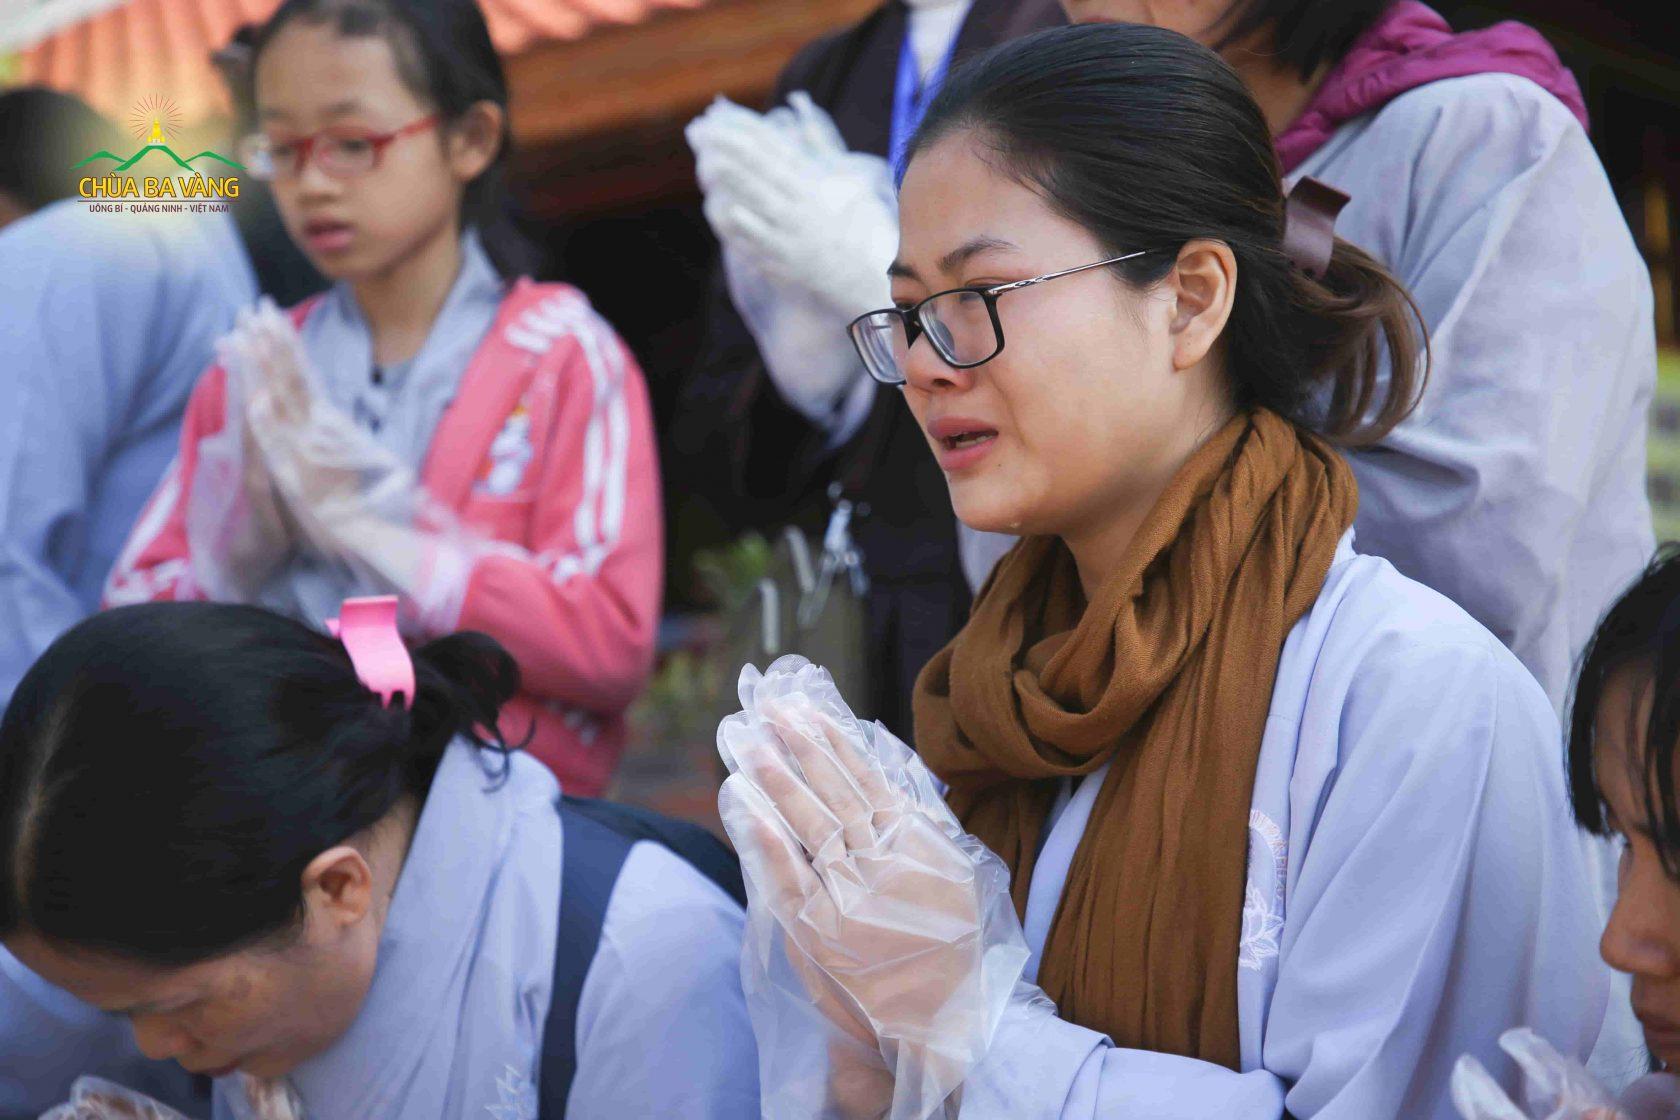 Phật tử trẻ thuộc CLB Tuổi trẻ Ba Vàng không kìm được nước mắt khi chứng kiến hình ảnh Tăng đoàn trì bình khất thực